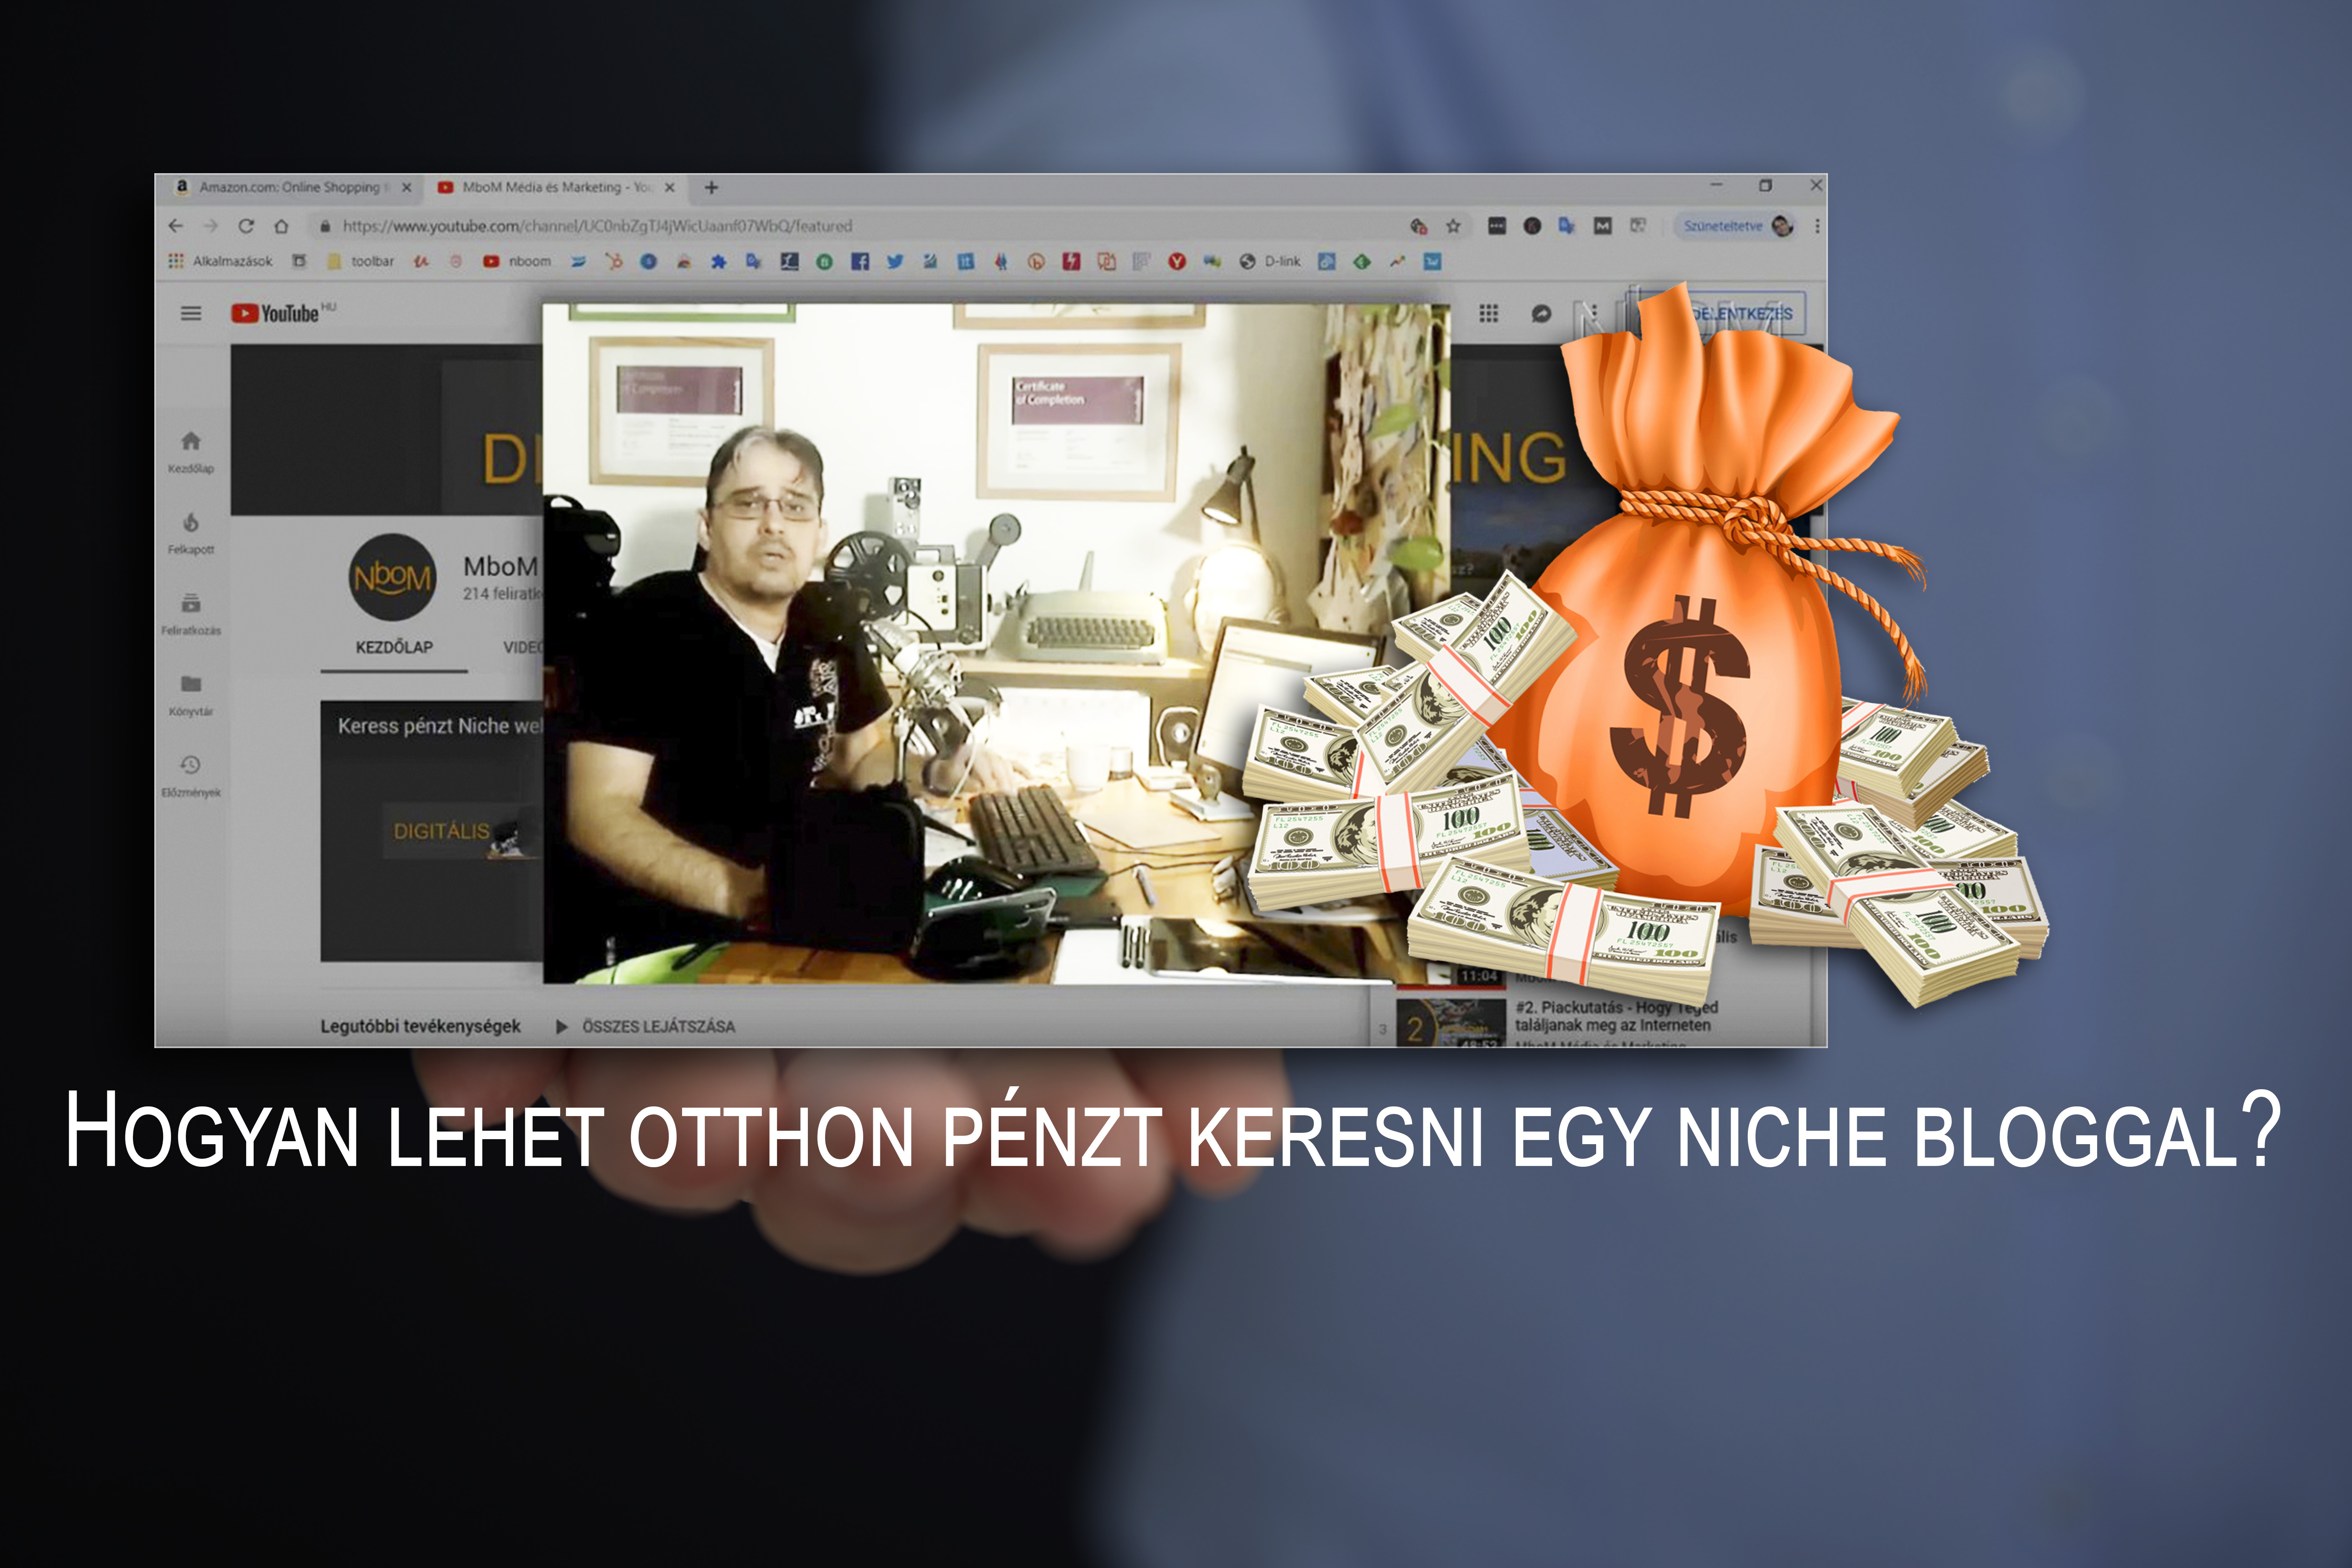 hol lehet pénzt keresni az interneten 200-tól